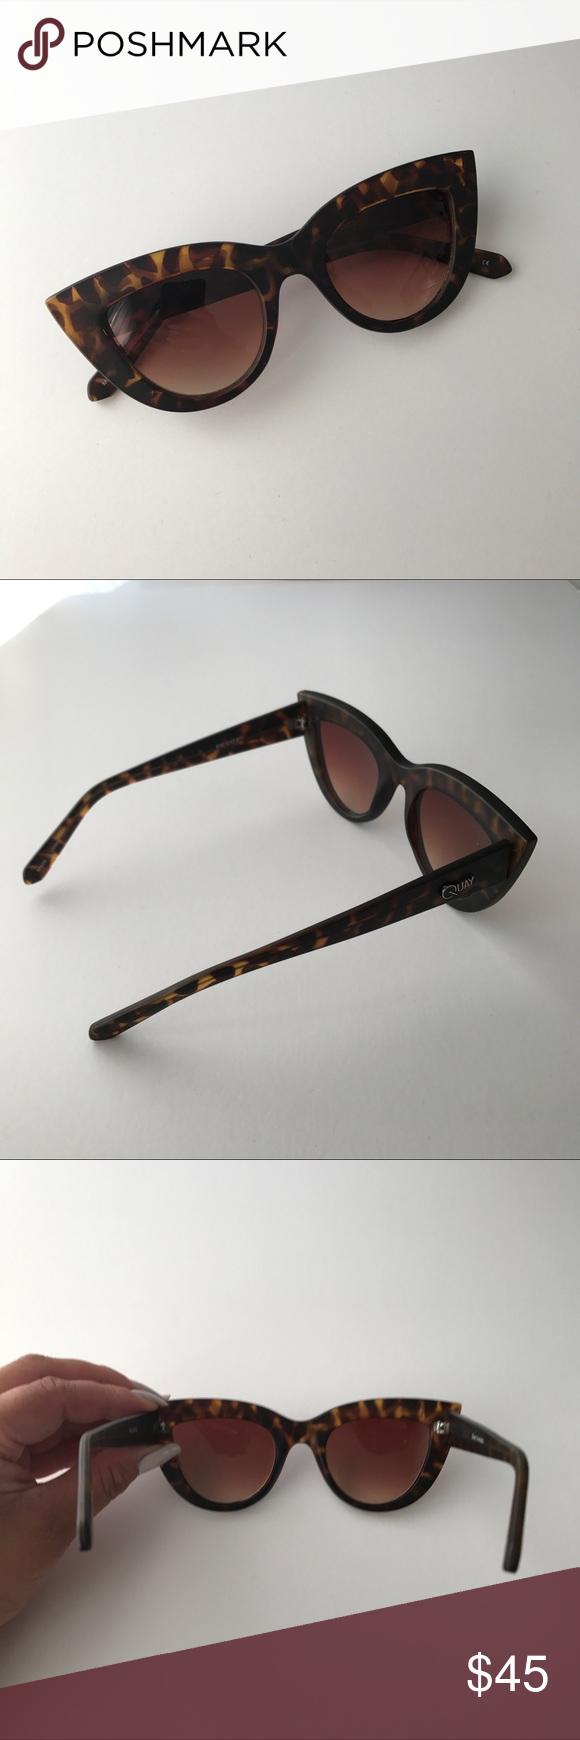 Quay Australia Authentic sunglasses   Authentic sunglasses